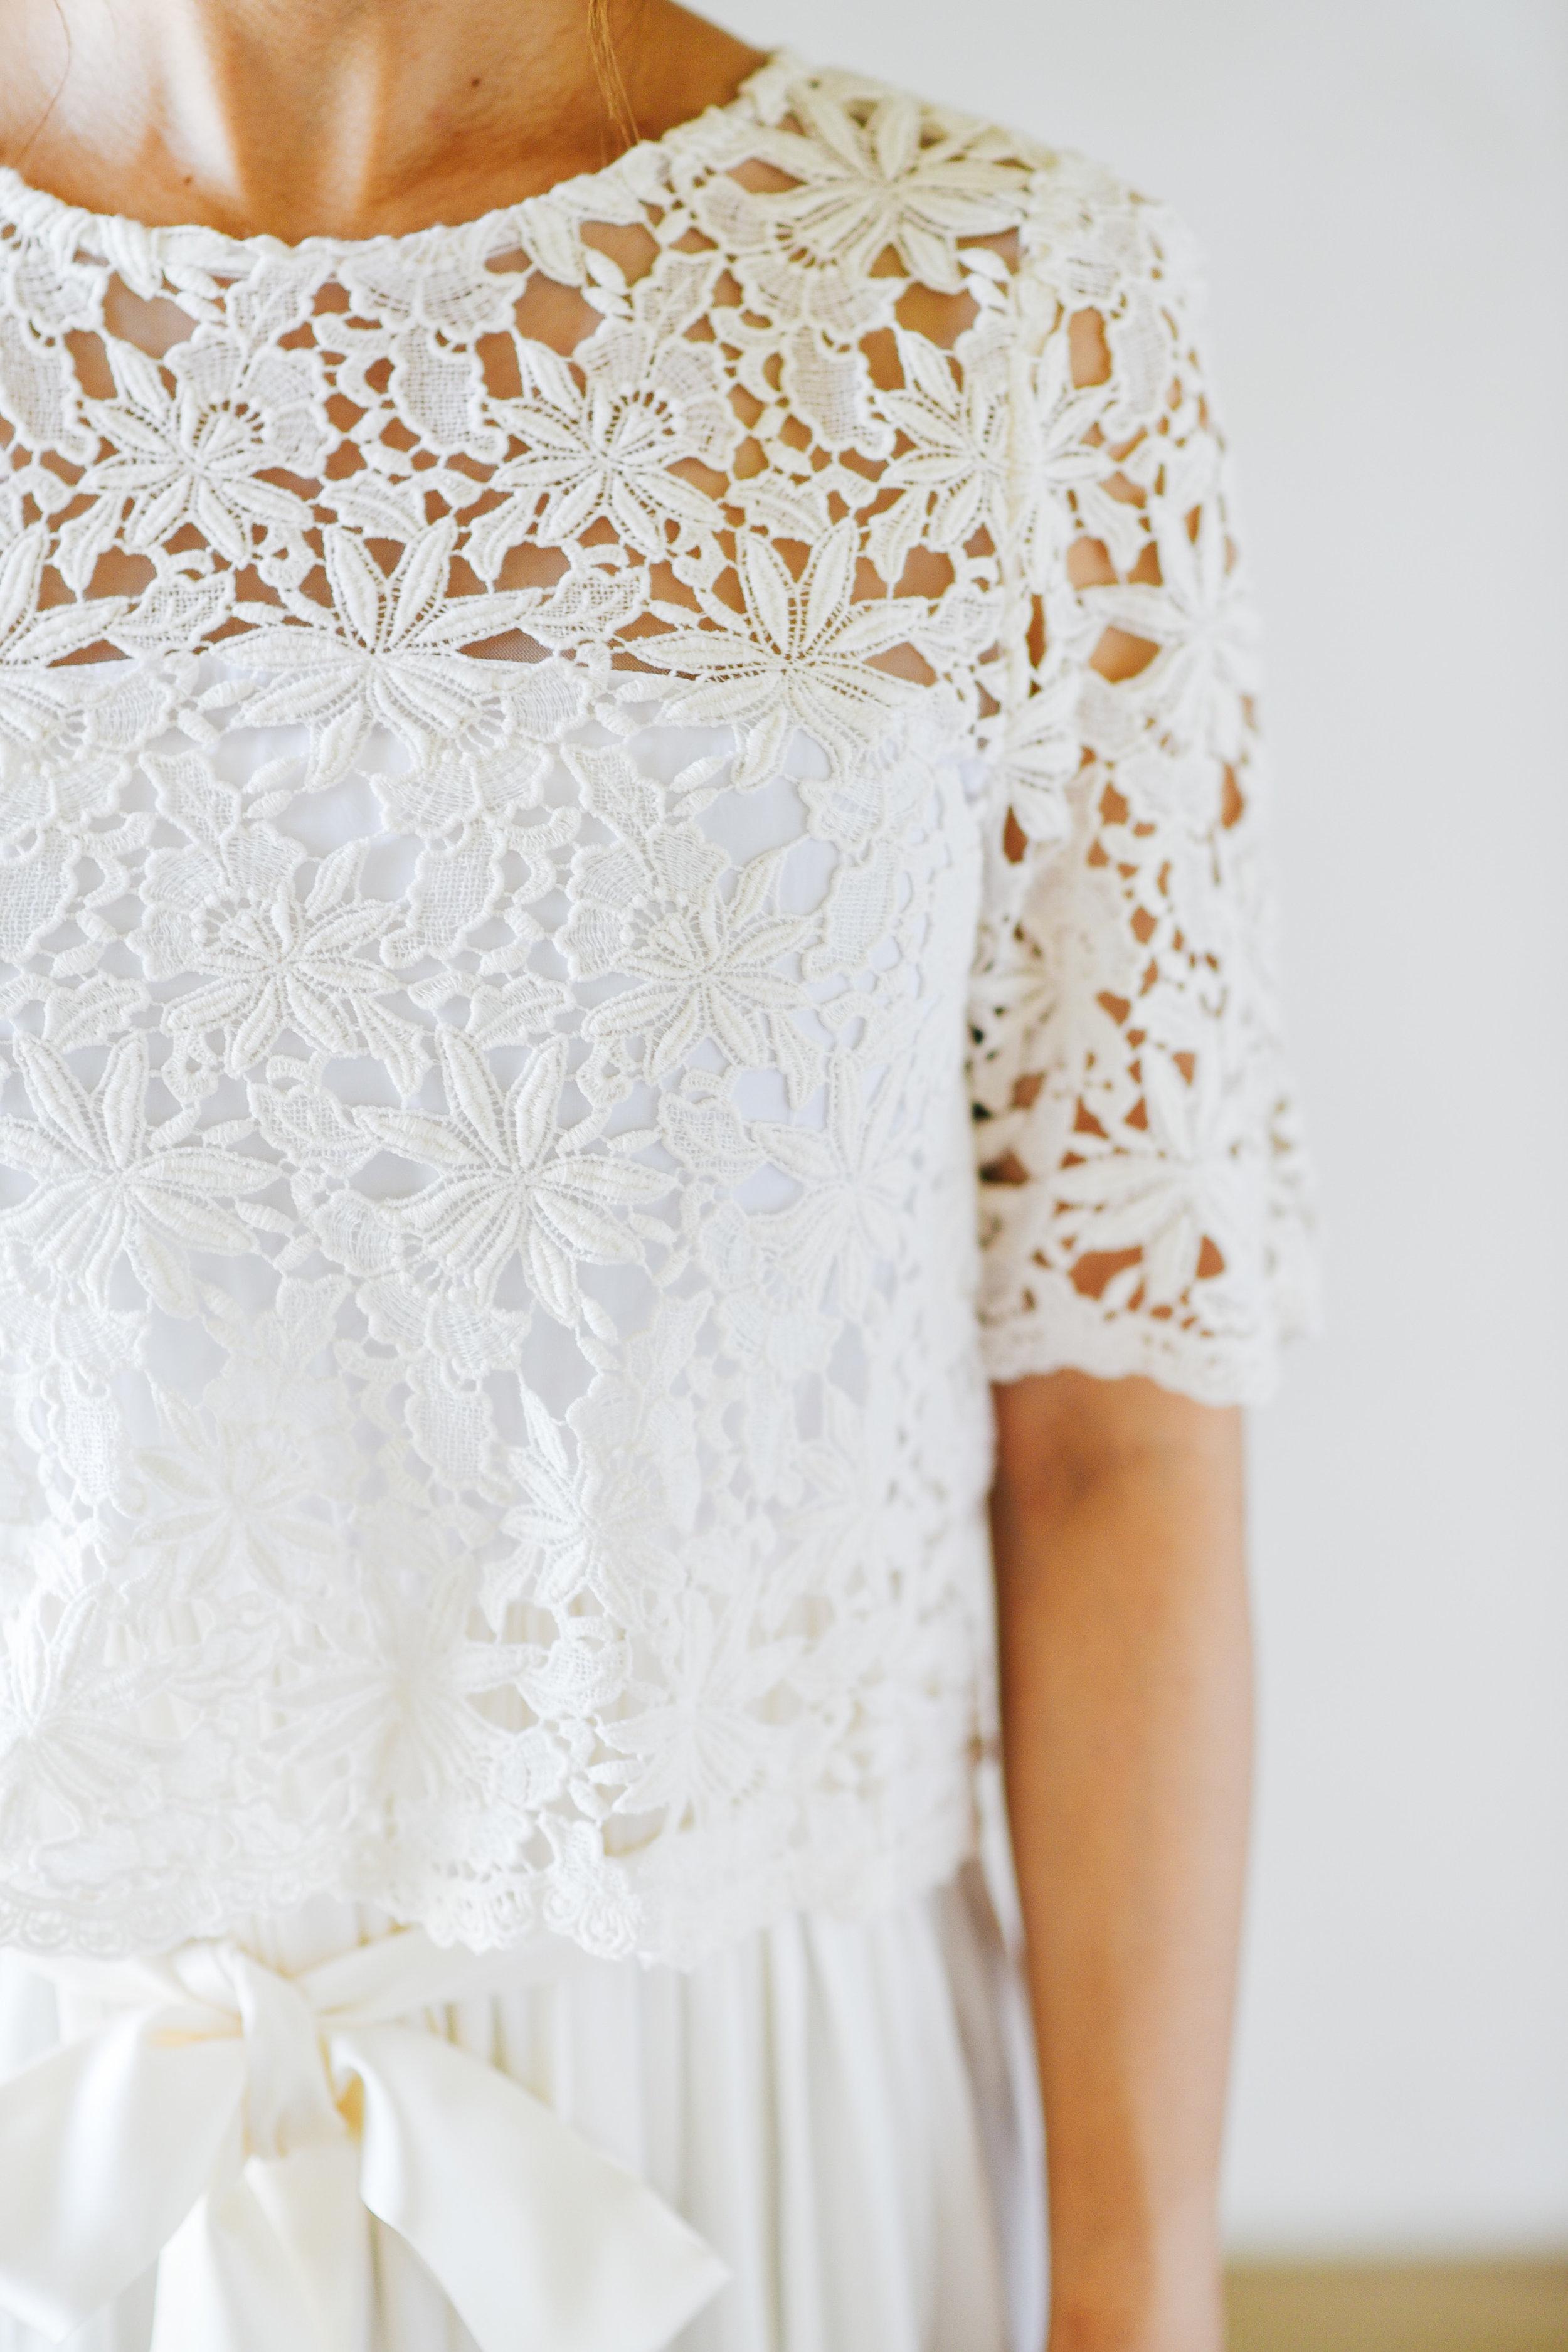 dress5_5.jpg